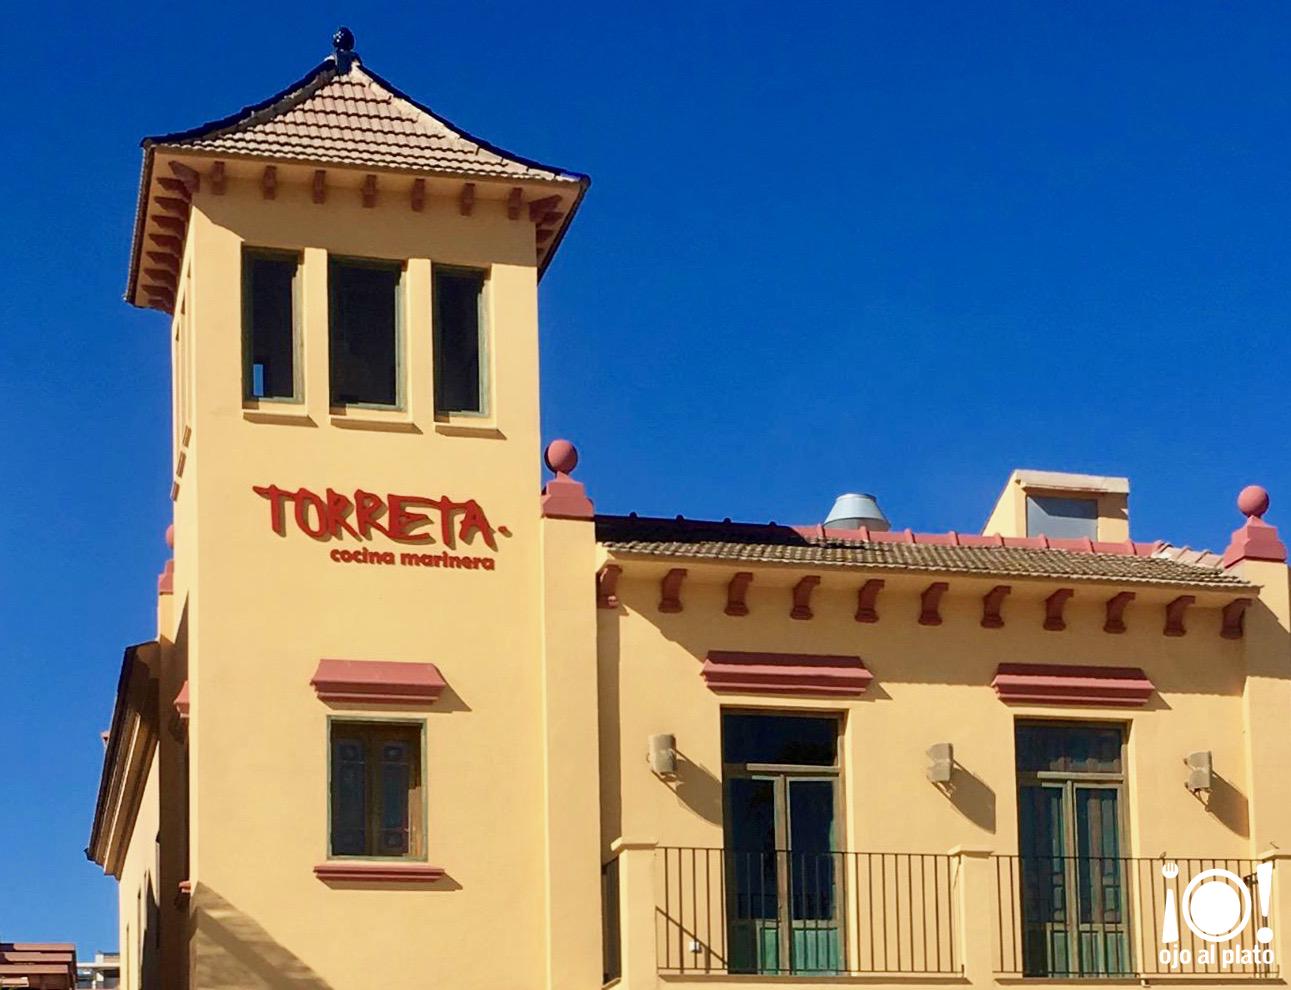 fachada_torreta